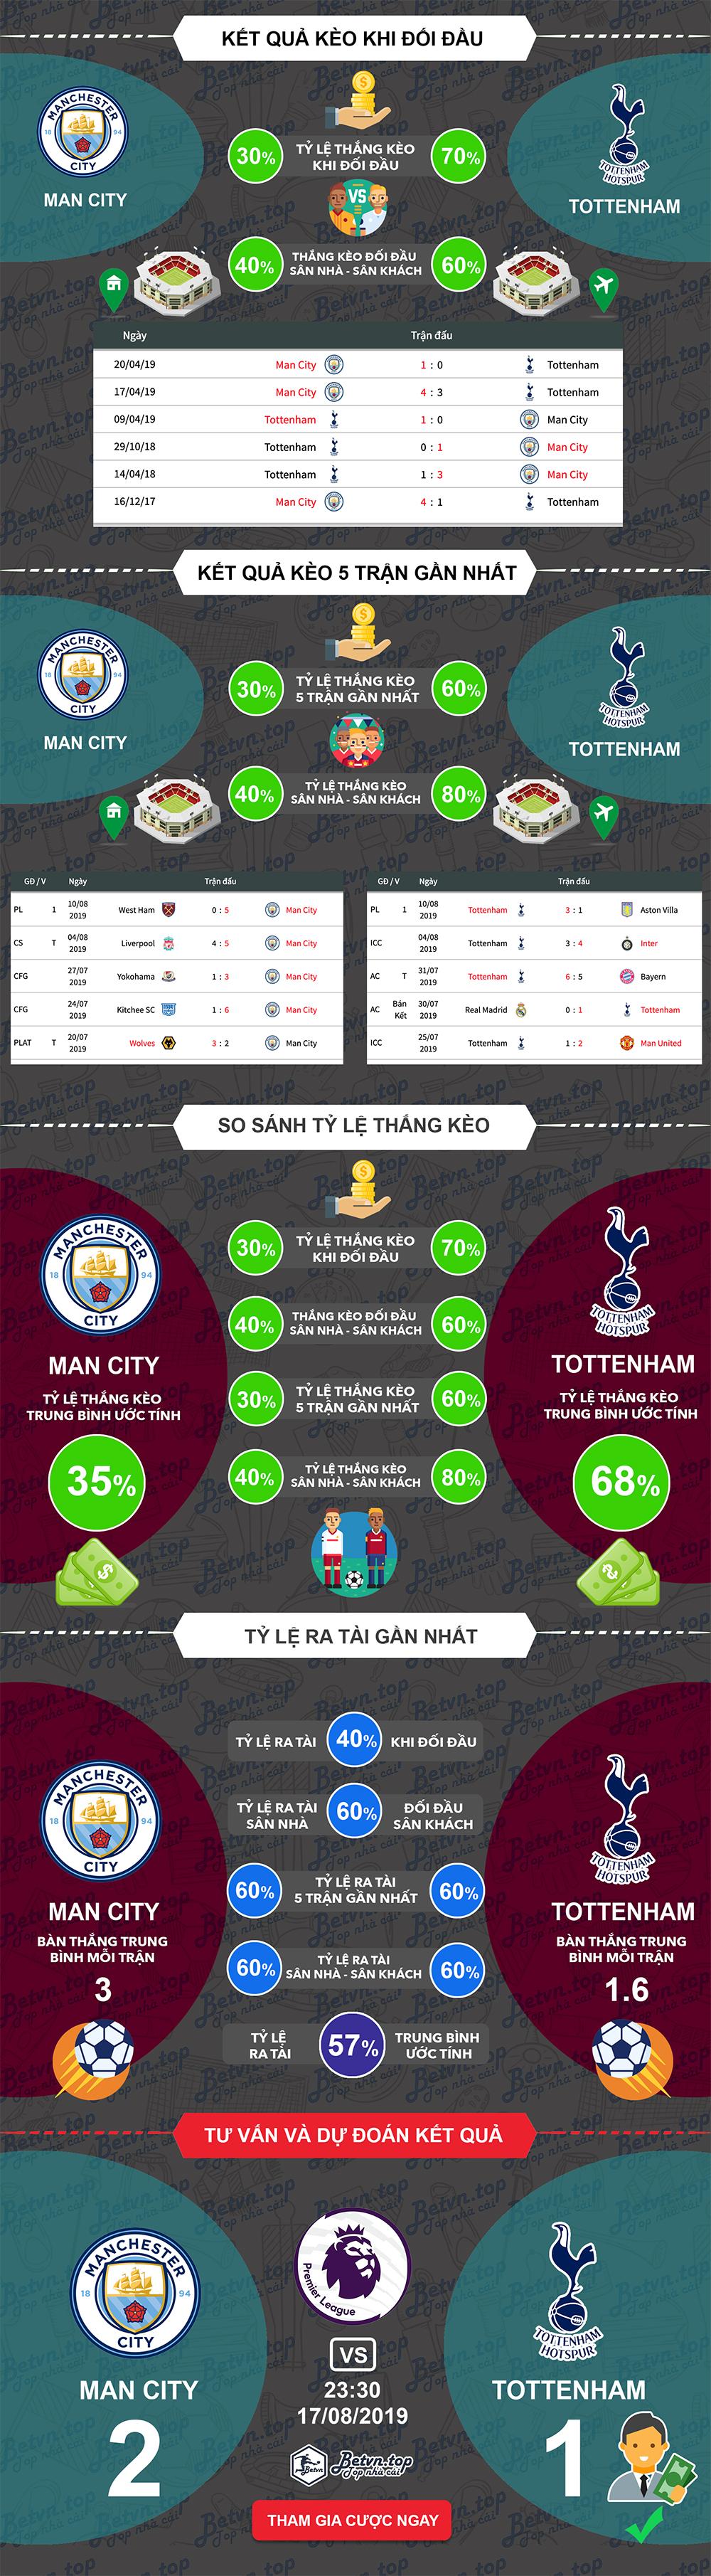 Phân tích tỷ lệ thắng kèo châu Á Man City vs Tottenham, 23h30 ngày 17/08/2019 Ngoại hạng Anh